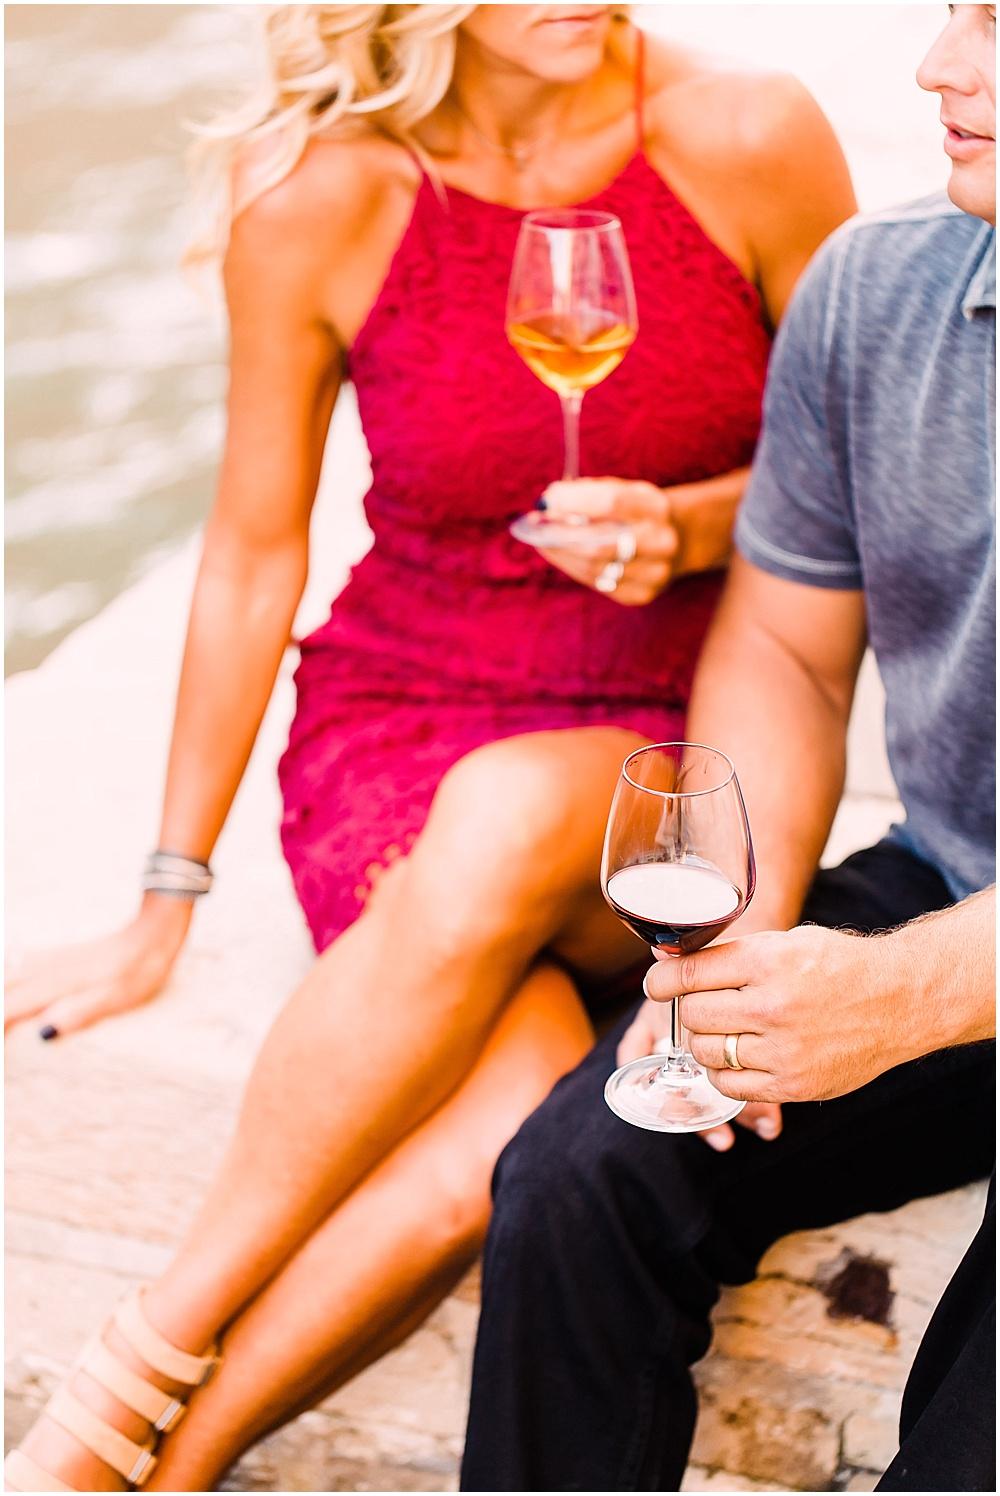 Venice-italy-wedding-photographer-stefano-degirmenci_0051.jpg